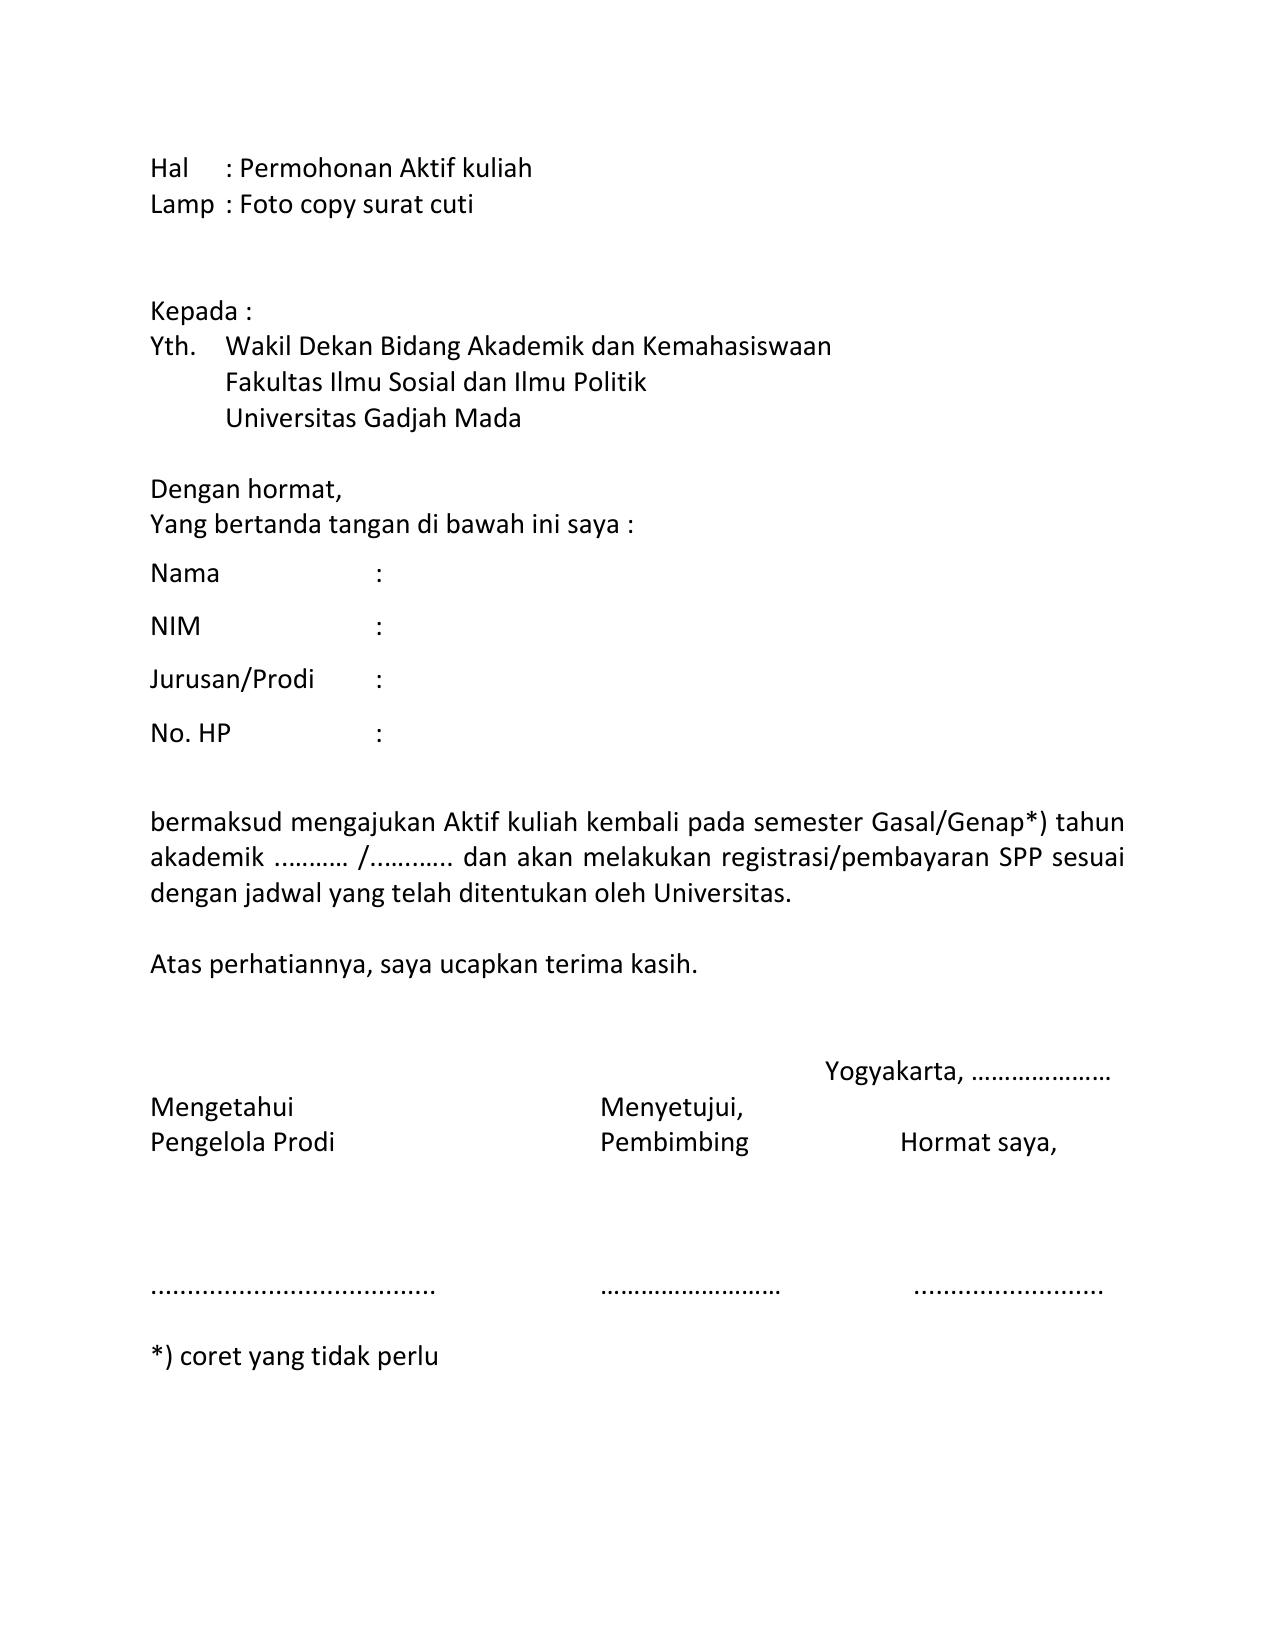 Form Surat Aktif Kuliah